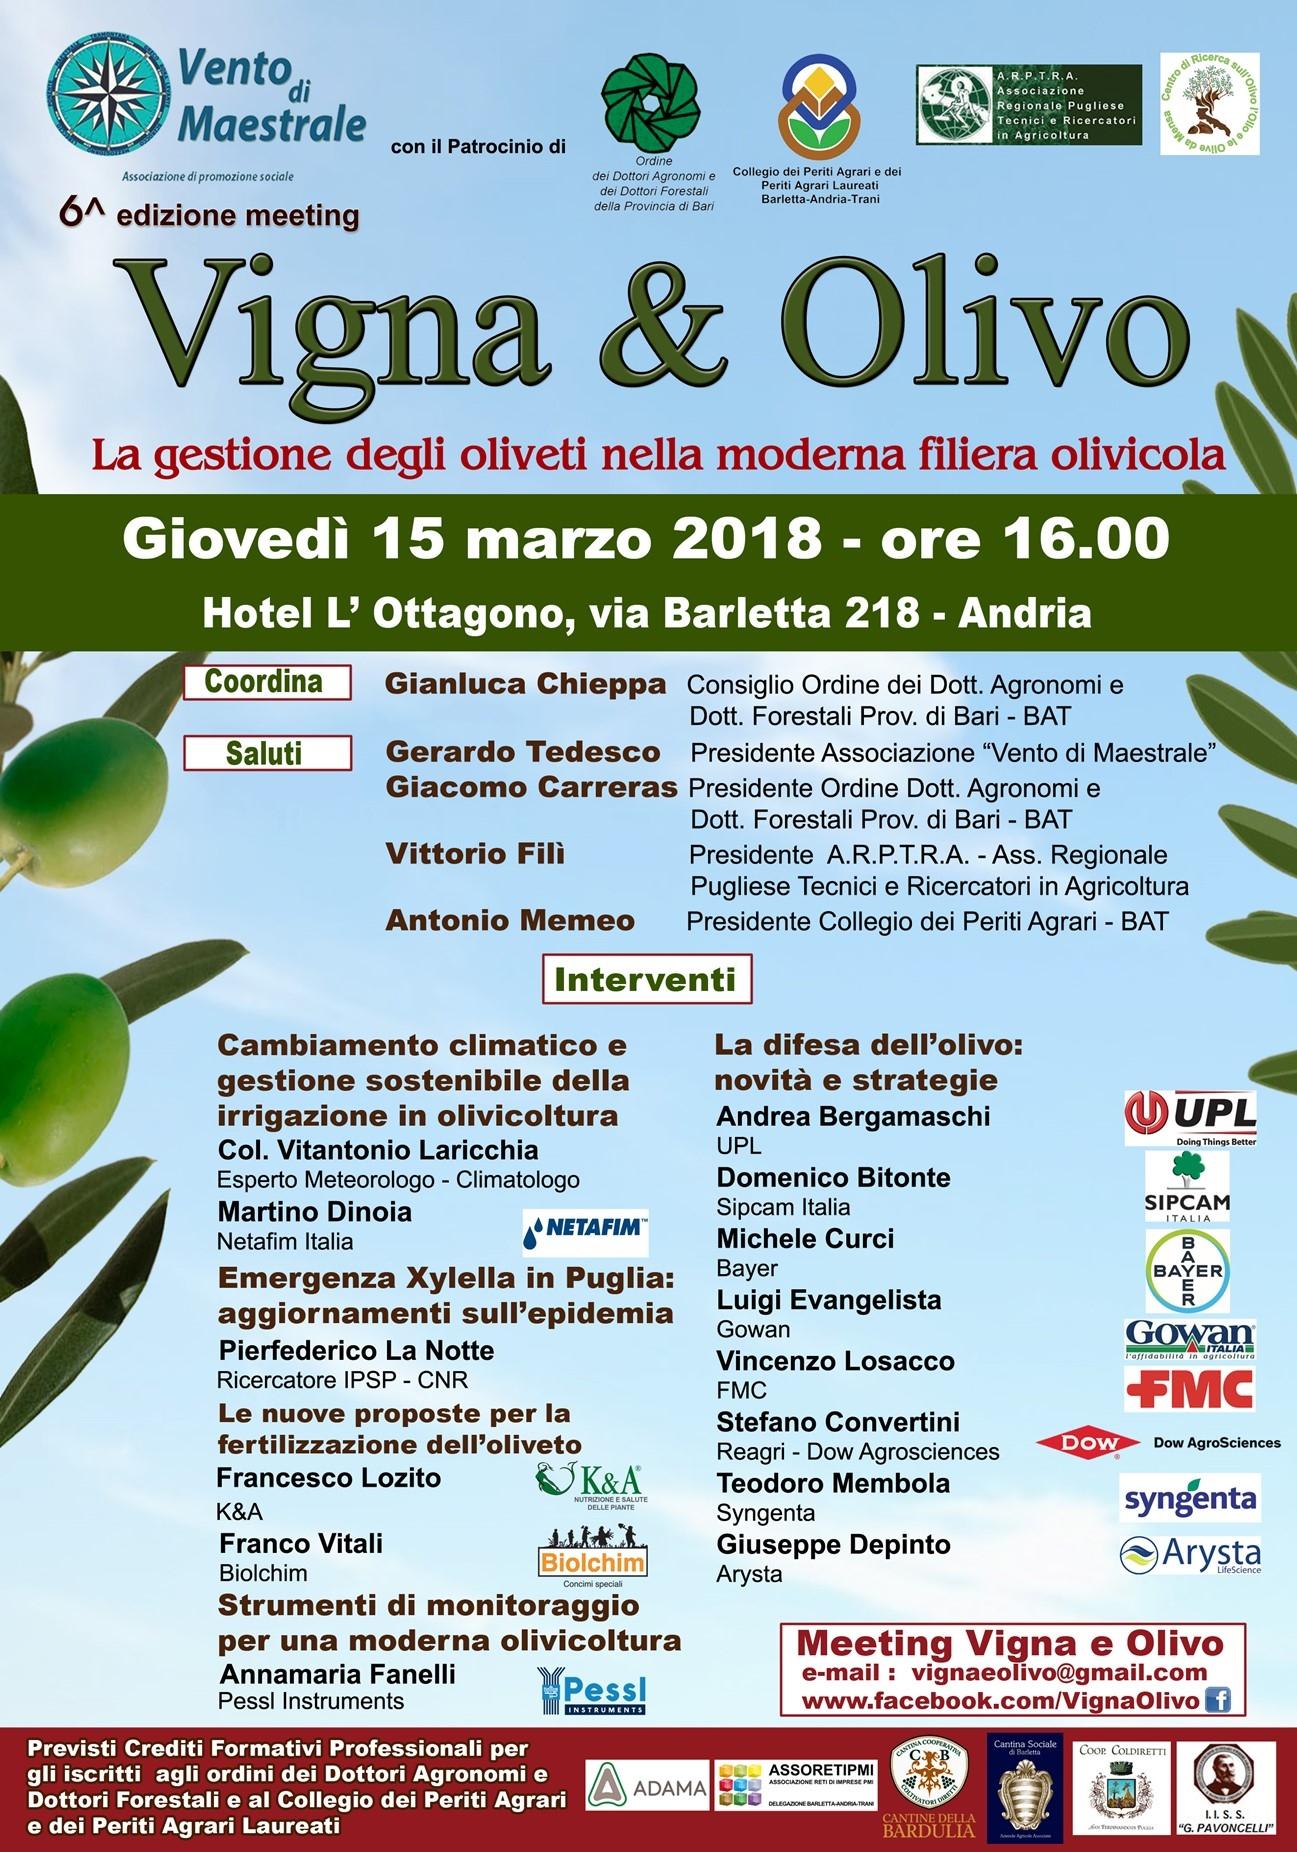 Andria, 15 marzo: Vigna&Olivo 2018 dedicato al comparto olivicolo